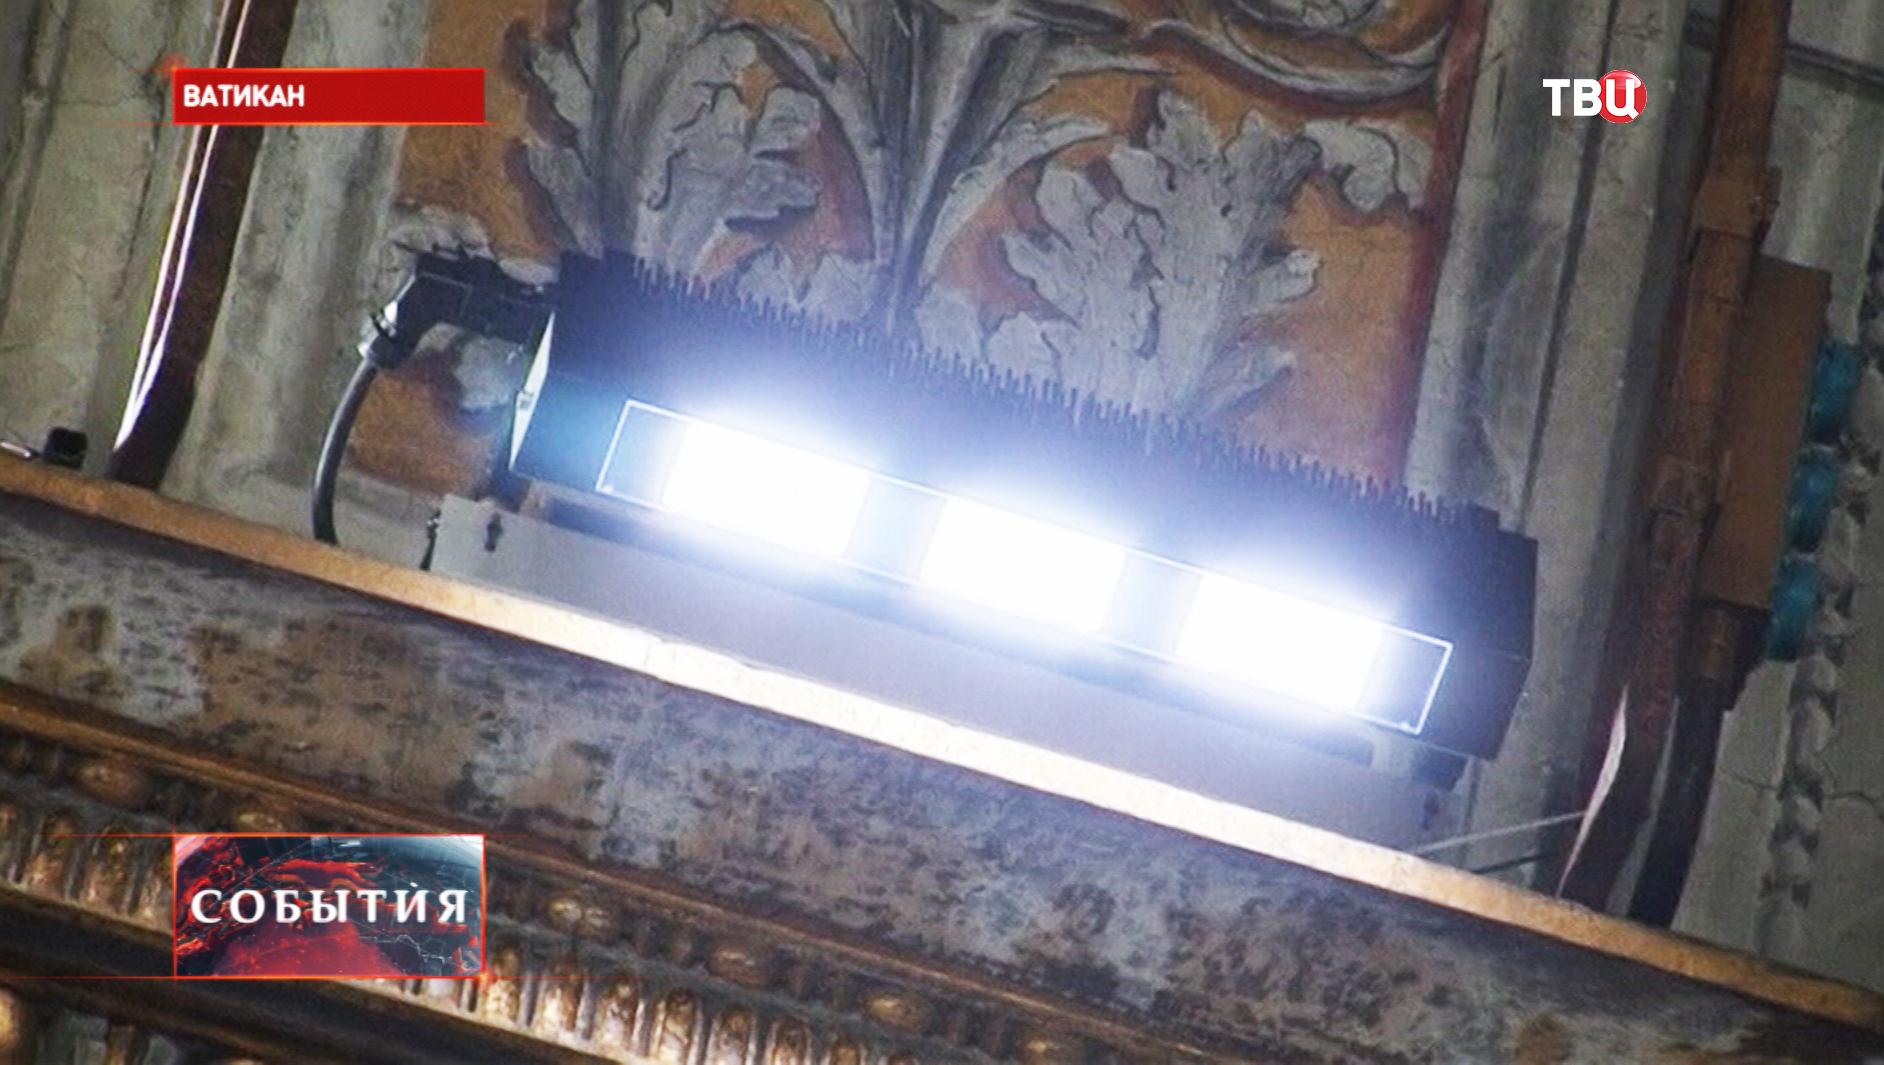 Специальная лампа освещения